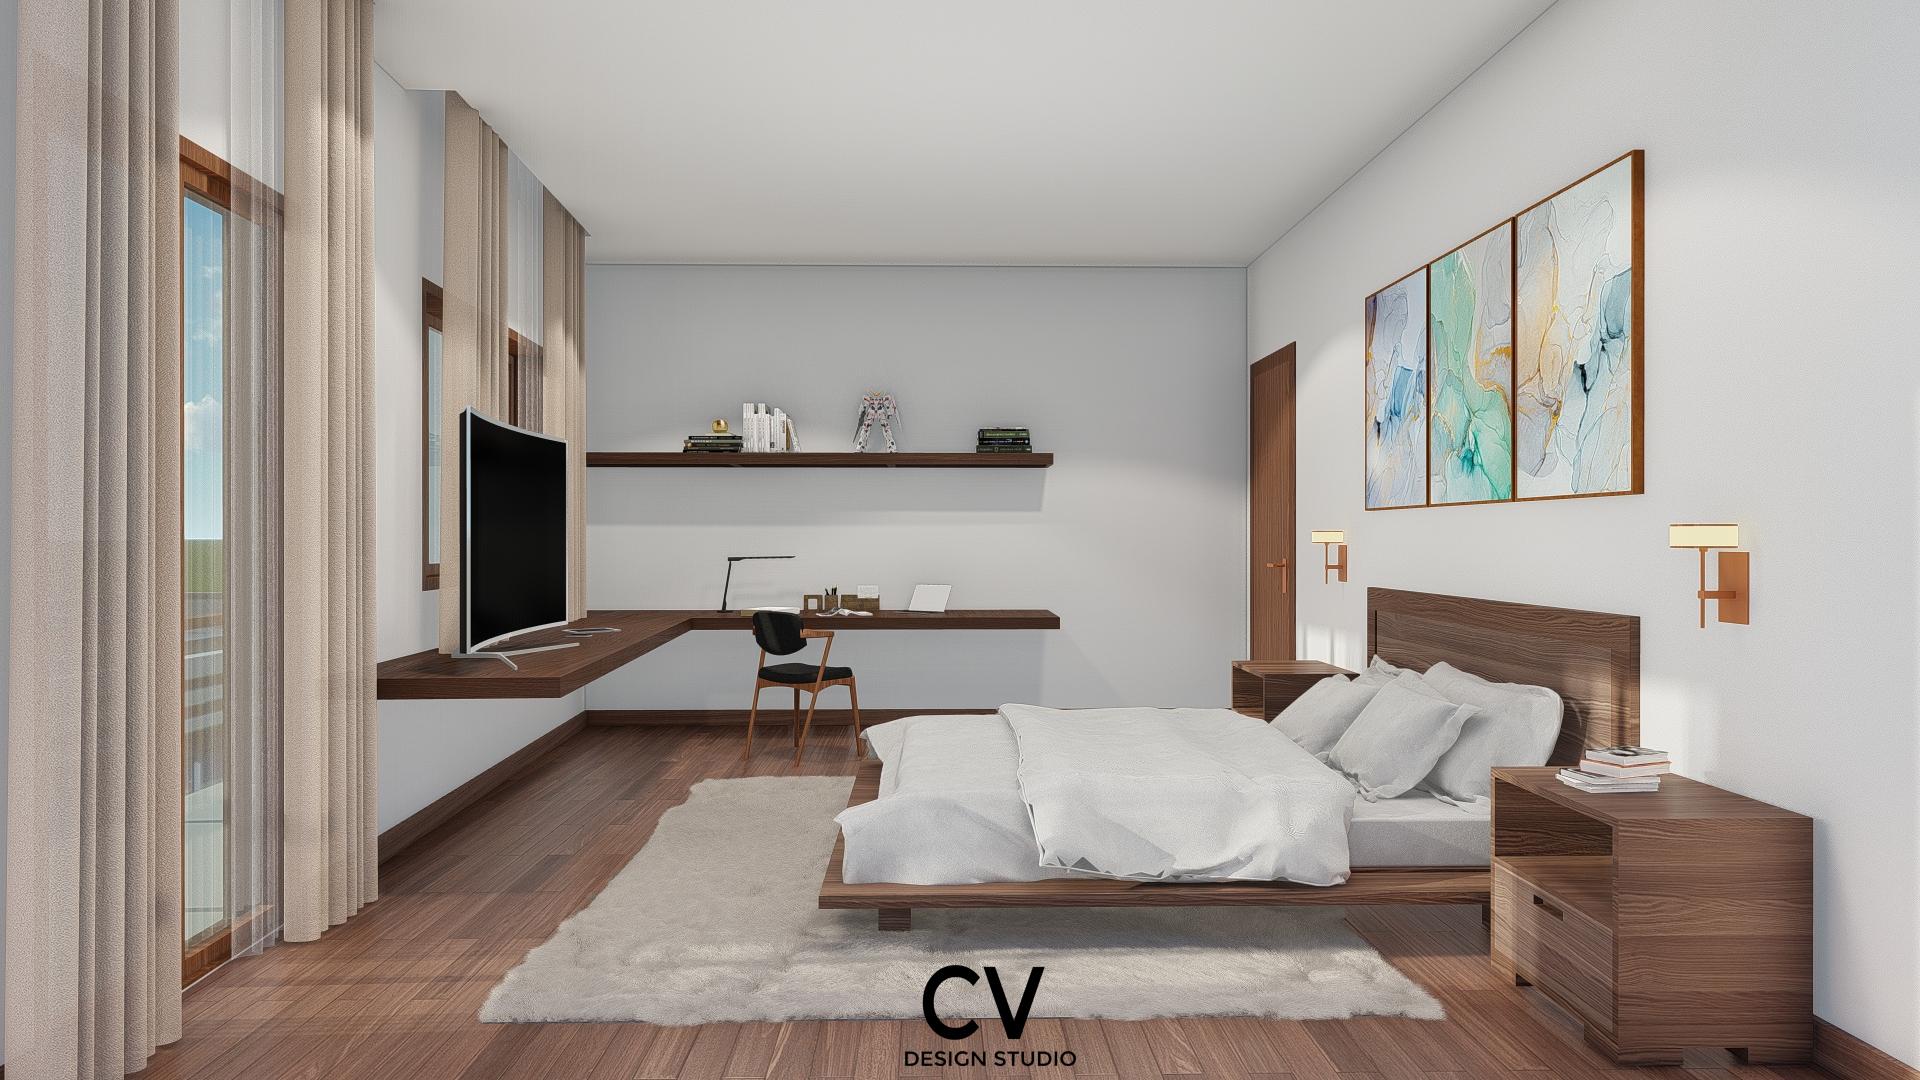 Thiết kế nội thất Nhà Mặt Phố tại An Giang H+ House 1600088021 11